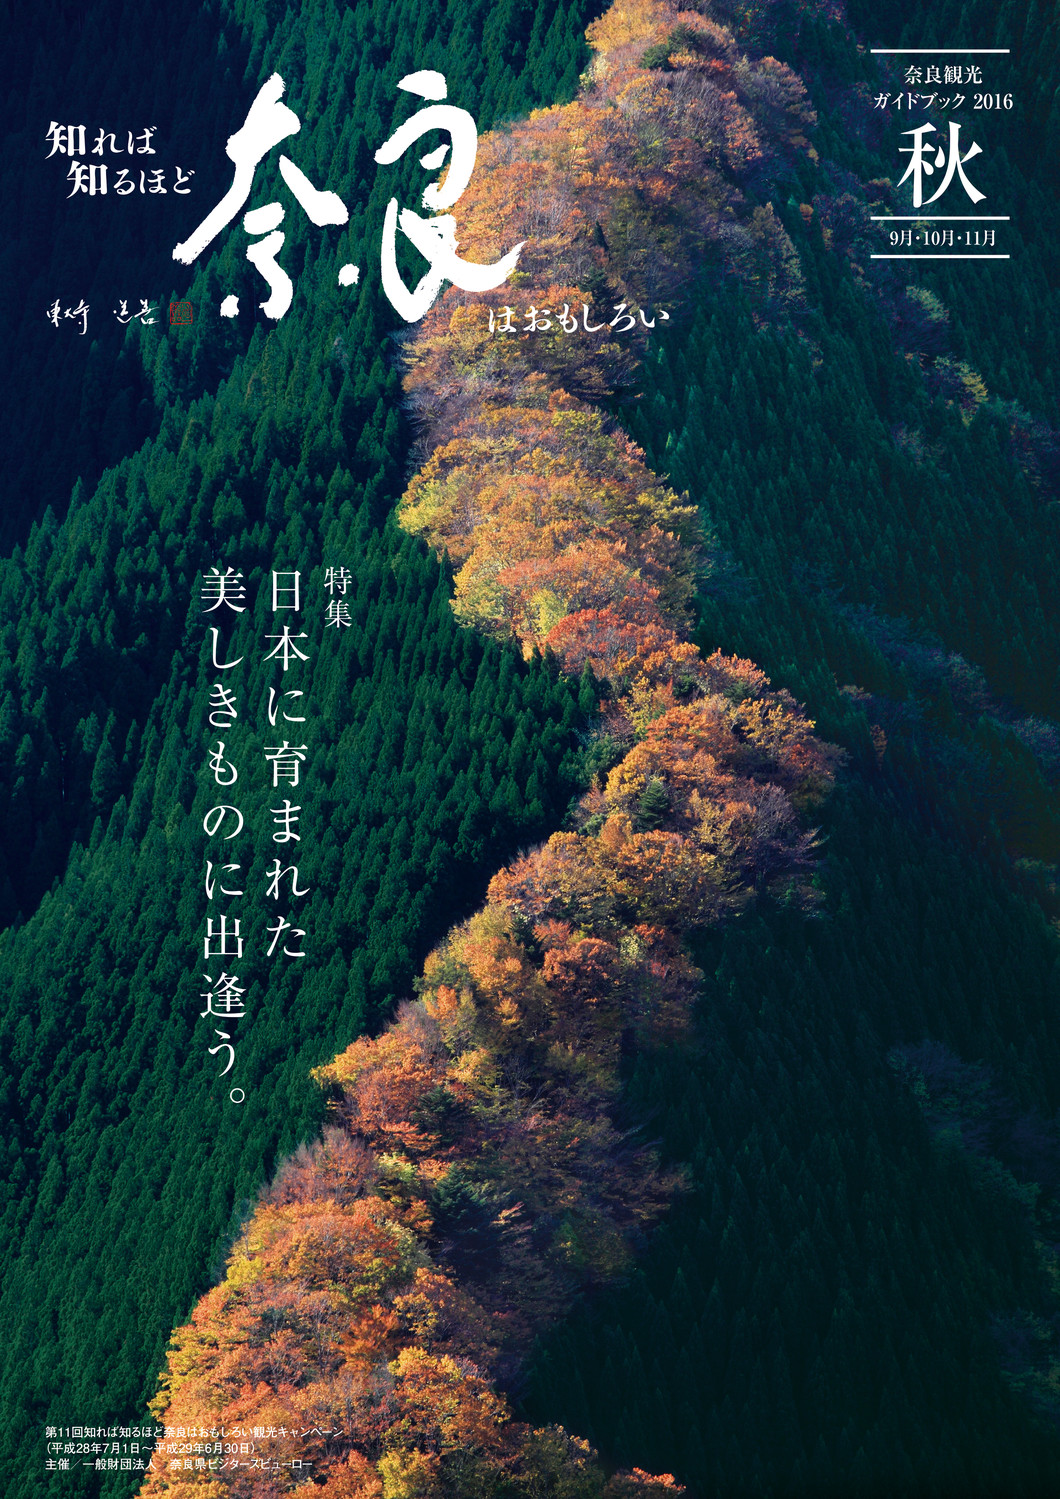 知れば知るほど奈良はおもしろい 2016年 秋号(9月・10月・11月)